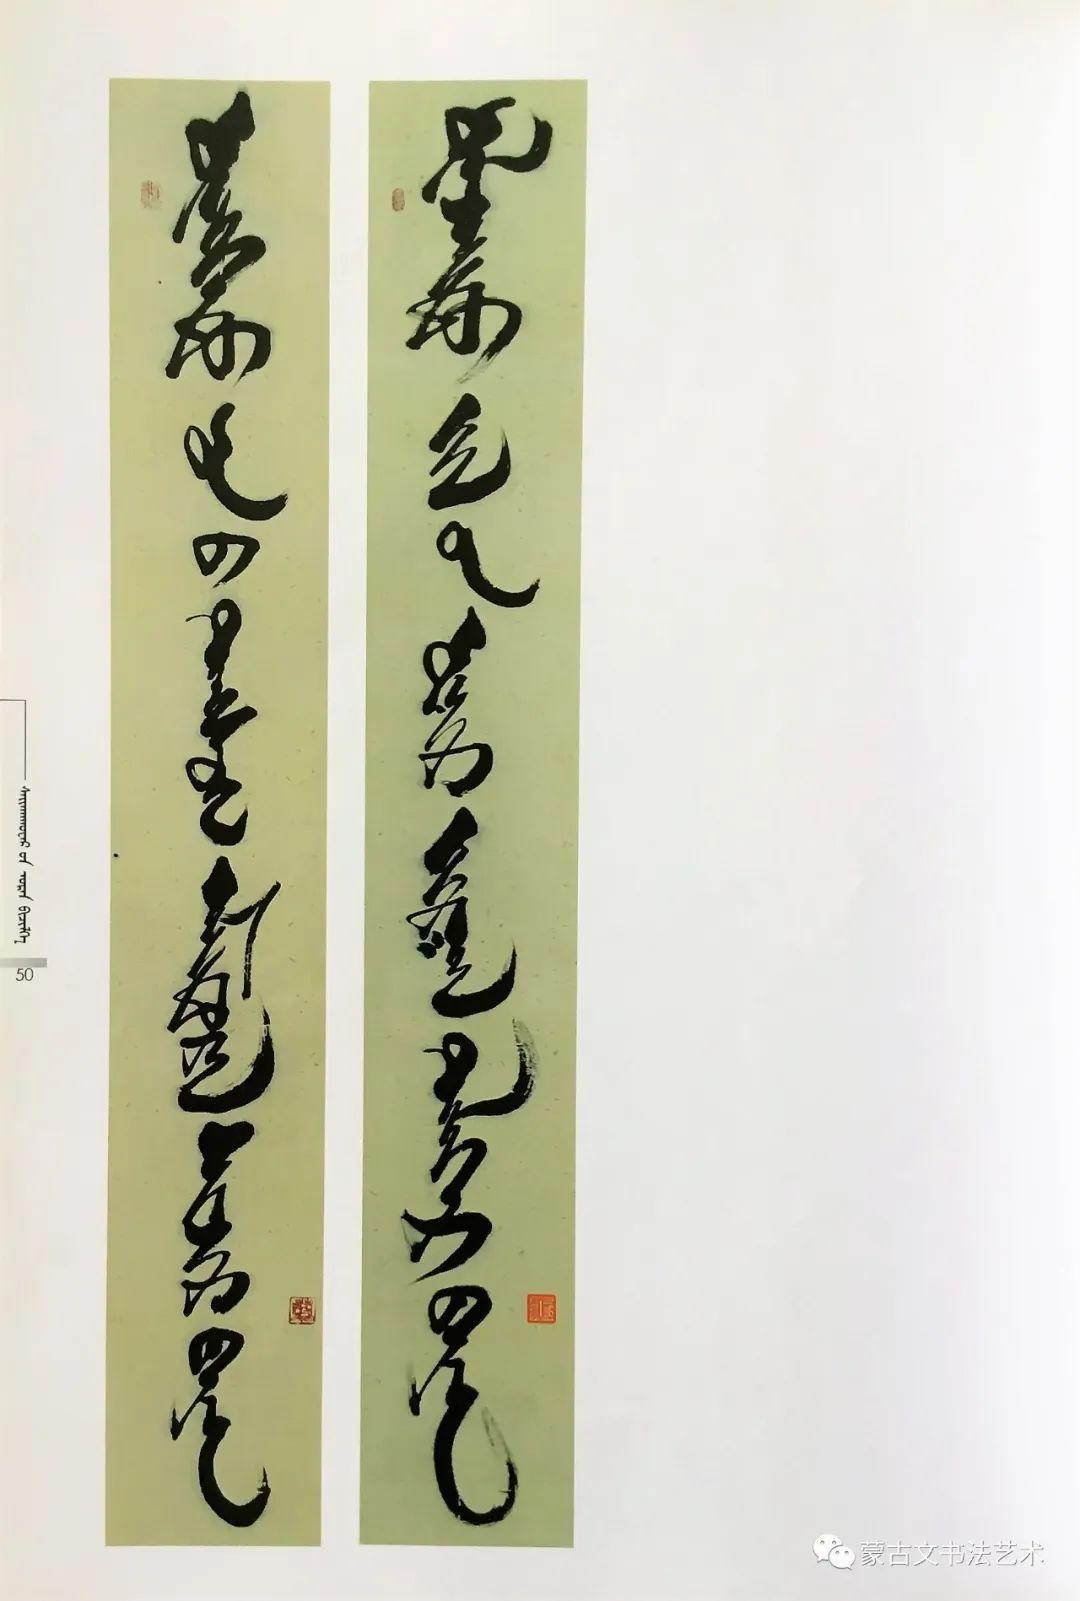 包赛音花《传奇奈曼-包赛音花蒙古文书法》 第14张